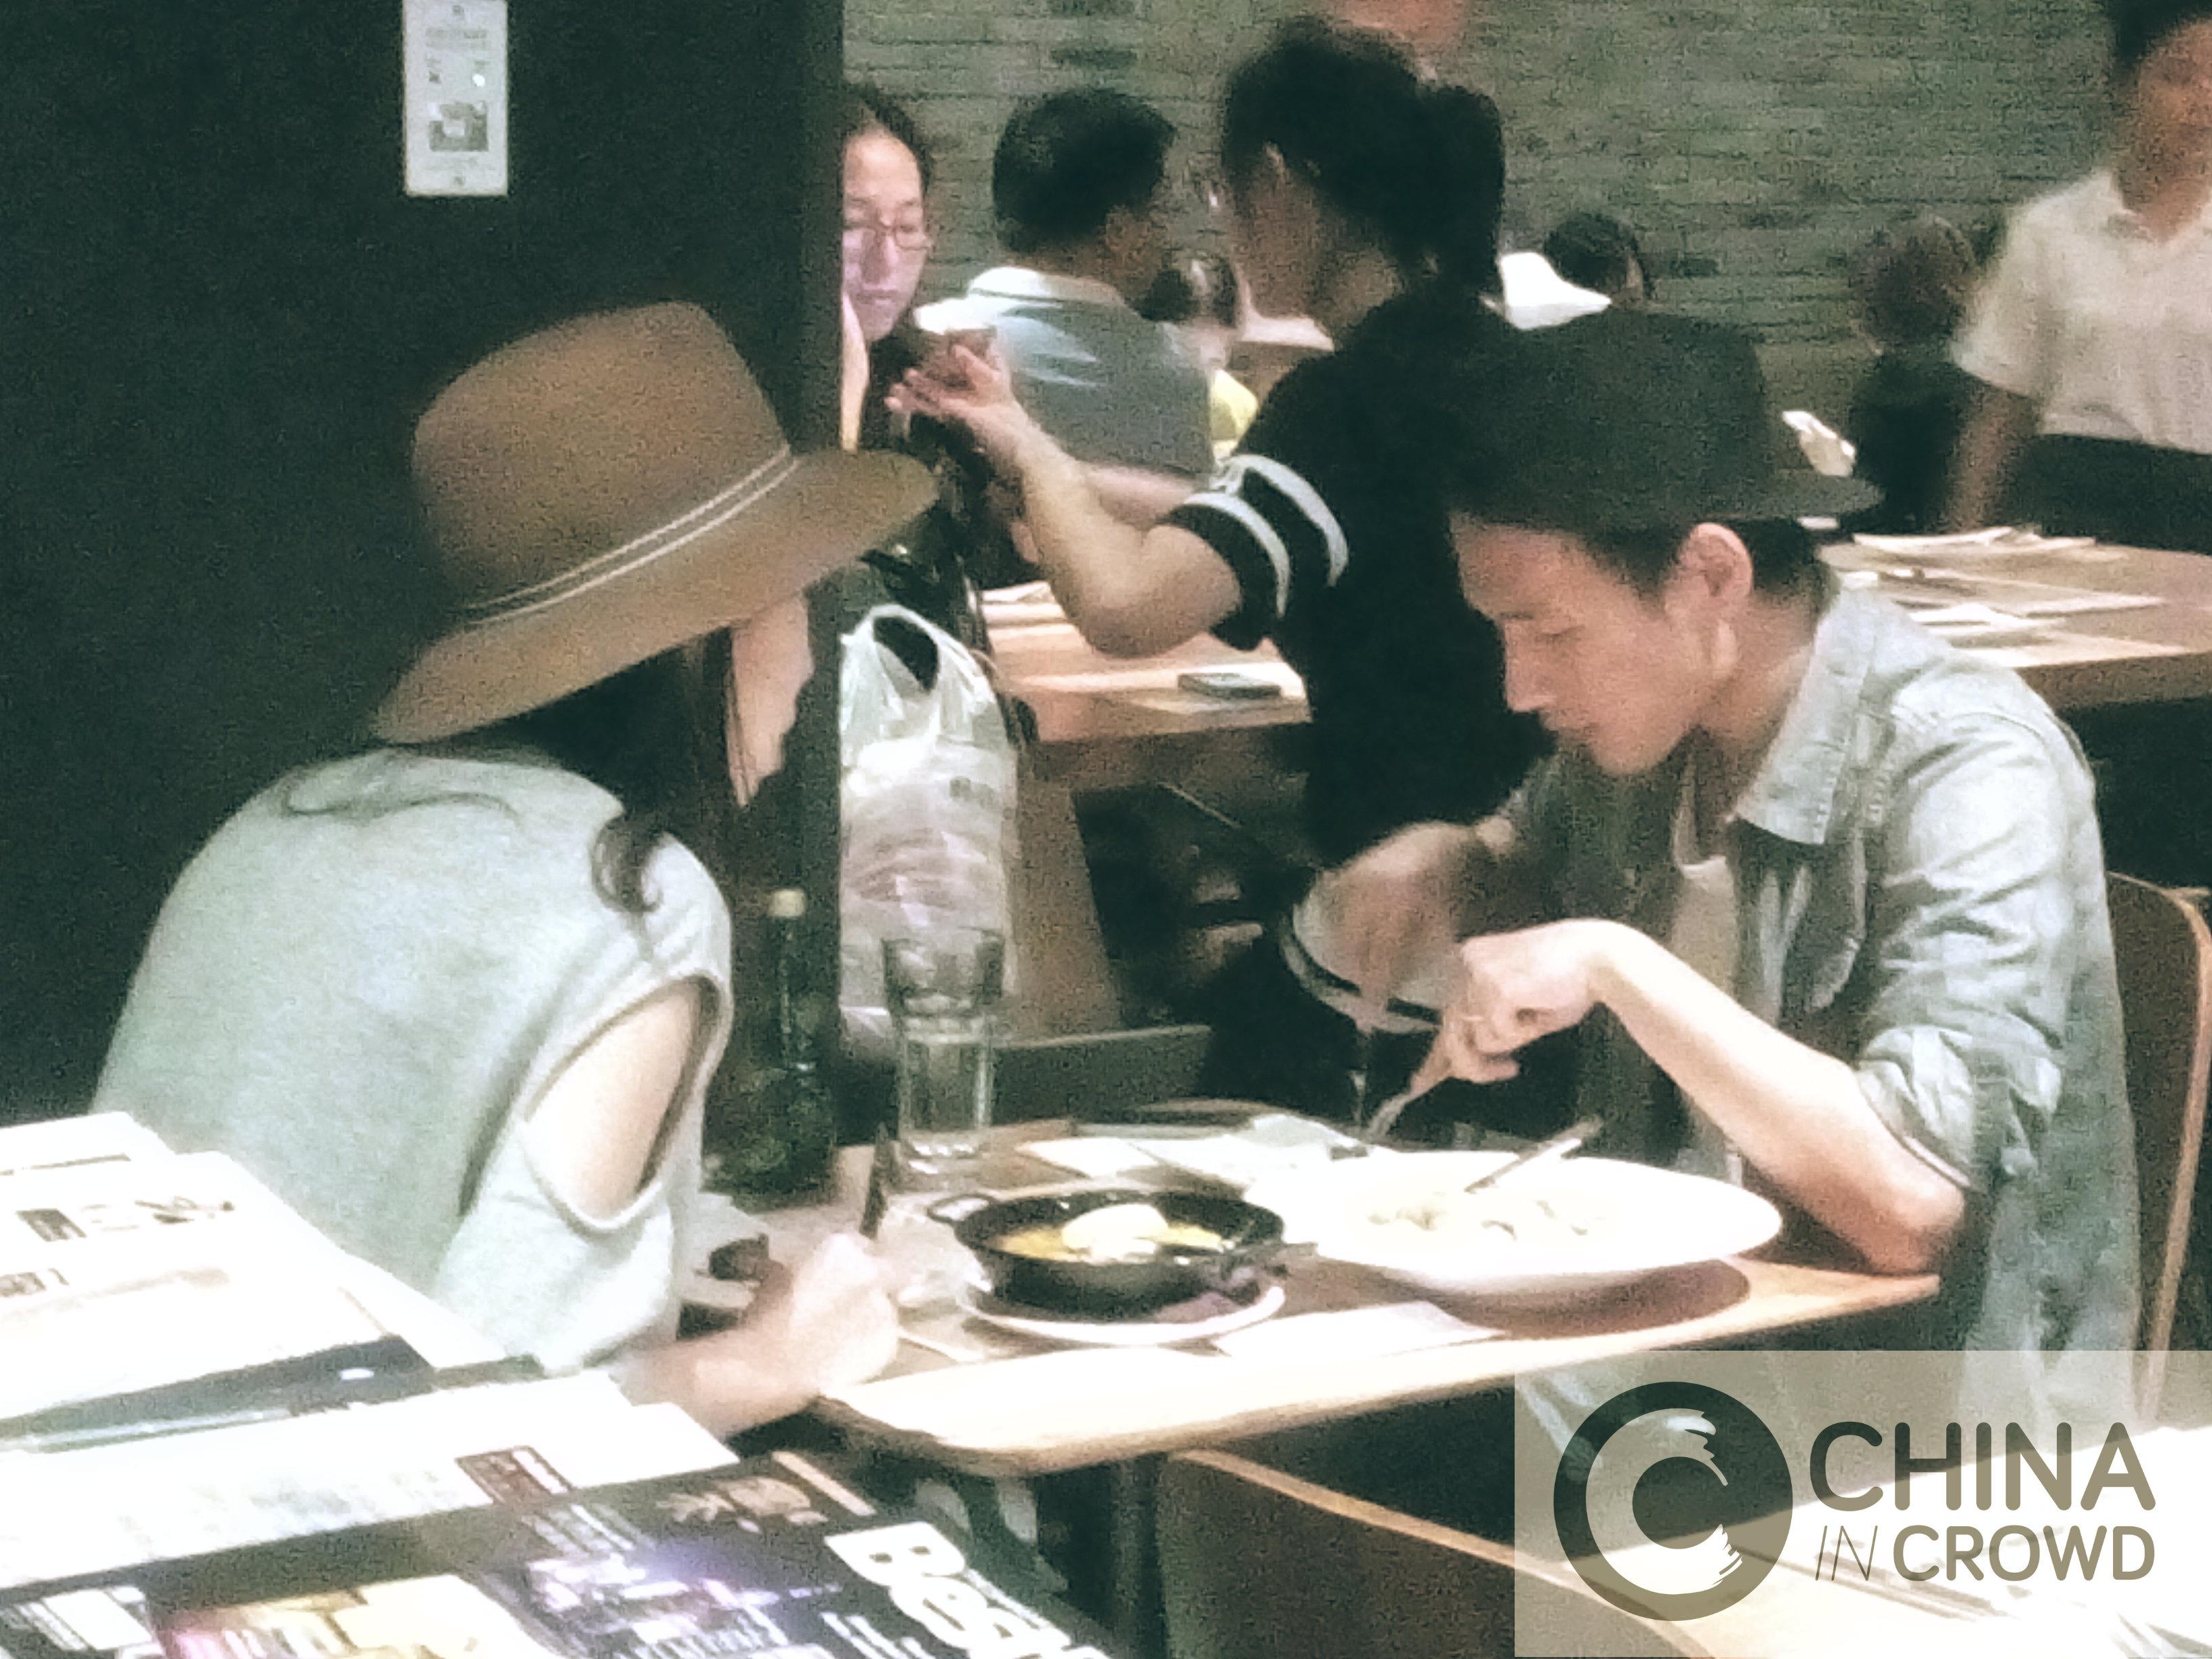 Turismo gastronomico en España adaptado al turista chino_CHINA IN CROWD